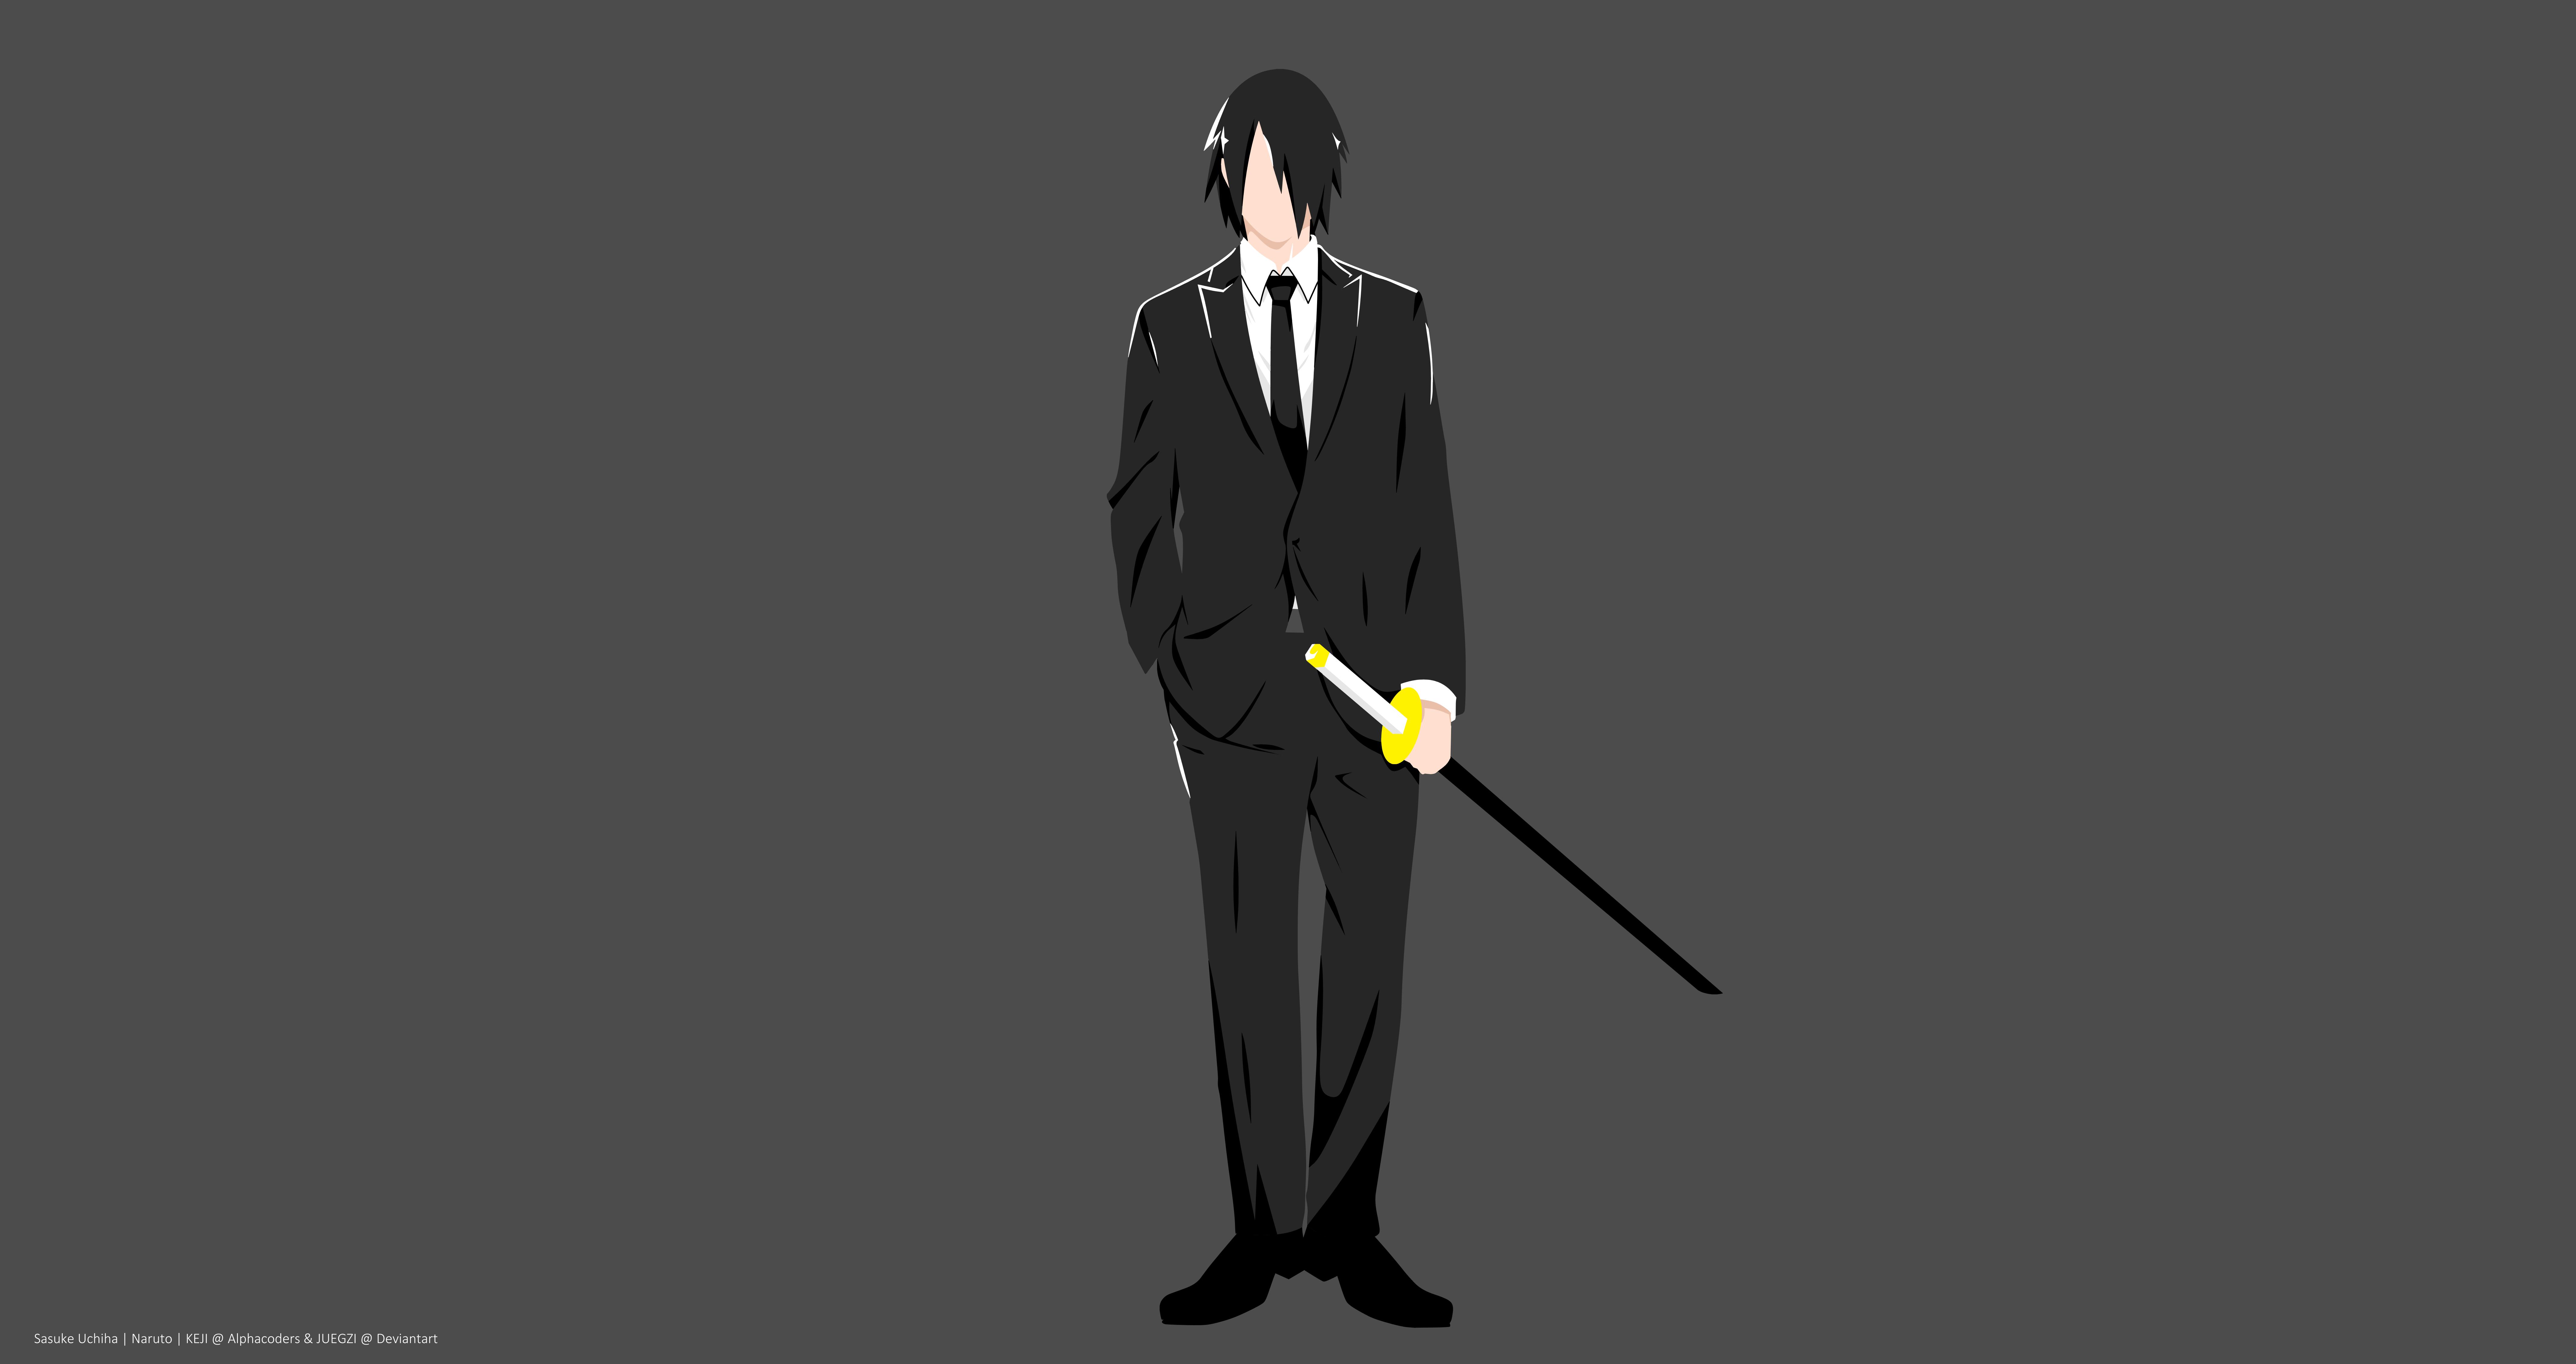 Black Hair Boruto Anime Boruto Naruto Next Generations Boy Naruto Sasuke Uchiha Suit Sword Uchiha Cl 8500x4500